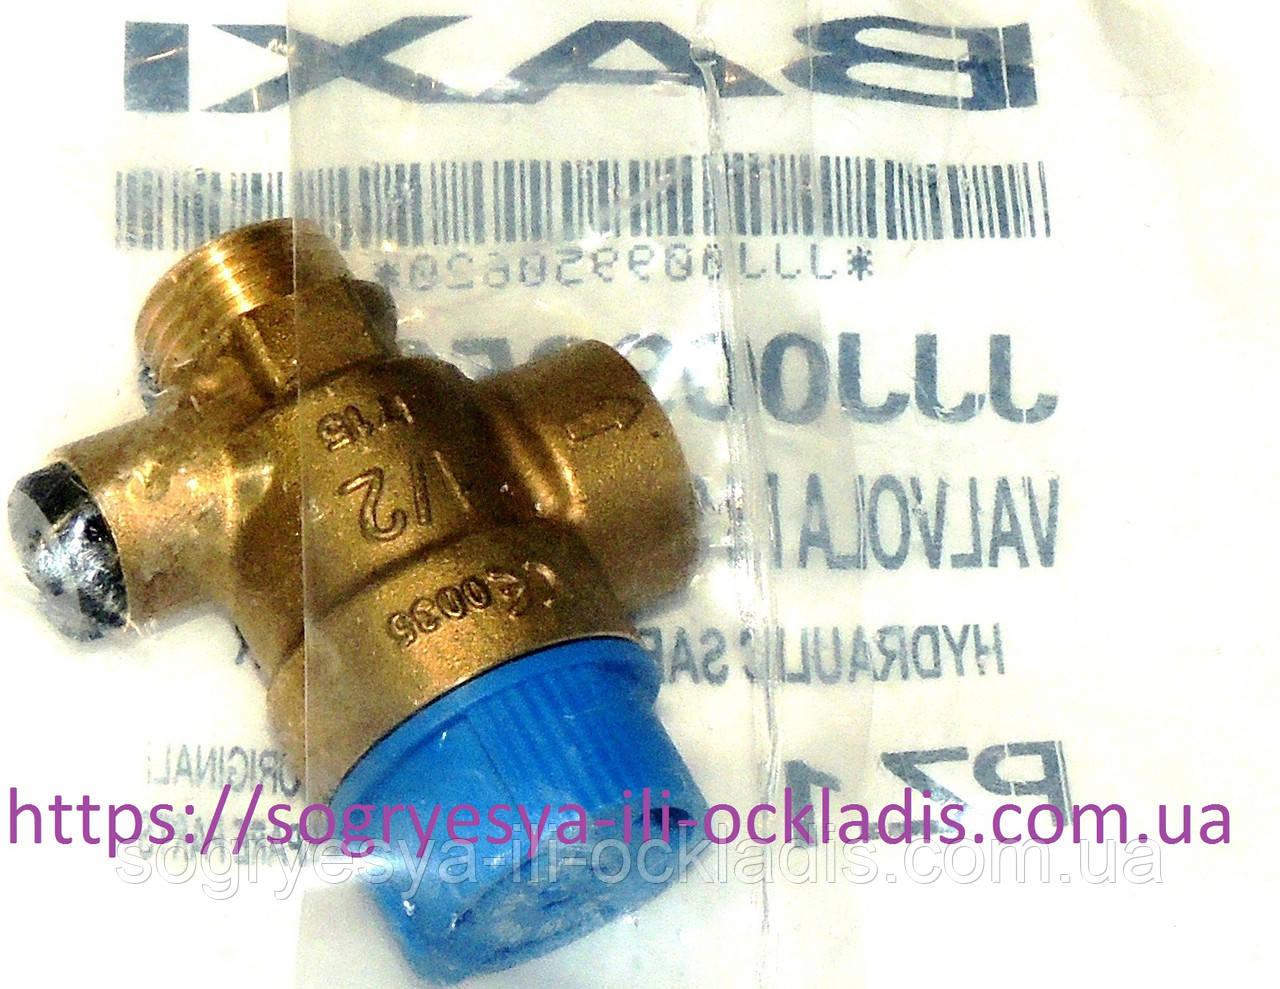 """Клапан безопасности 8 бар резьба 1/2"""" (ф.у, EU) бойлеров Baxi Slim, Western Compact, арт. 9950620, к.з. 0076/3"""